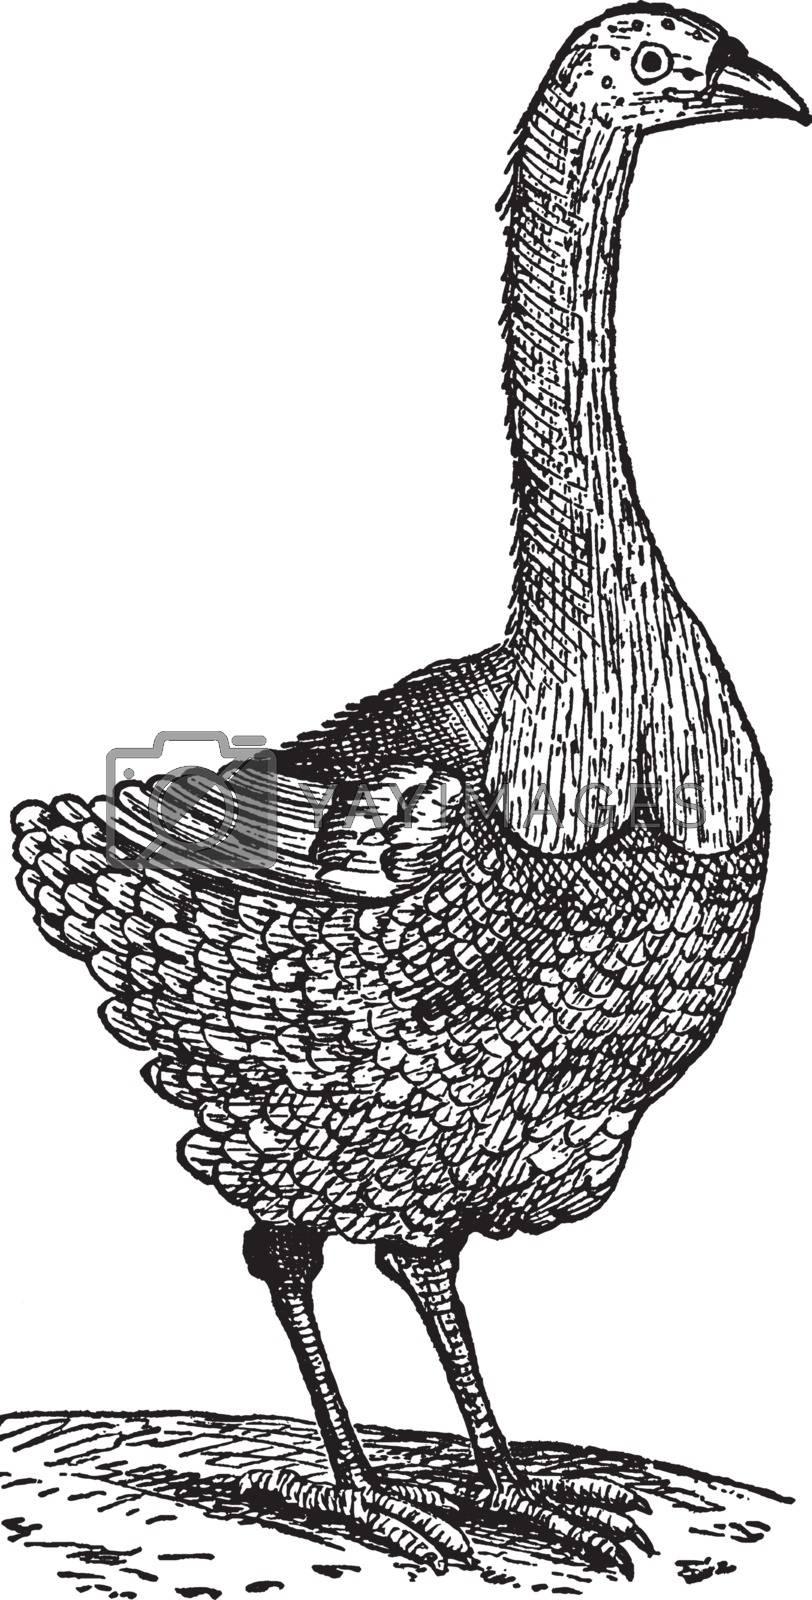 Pezophaps Solitarius, vintage illustration. by Morphart